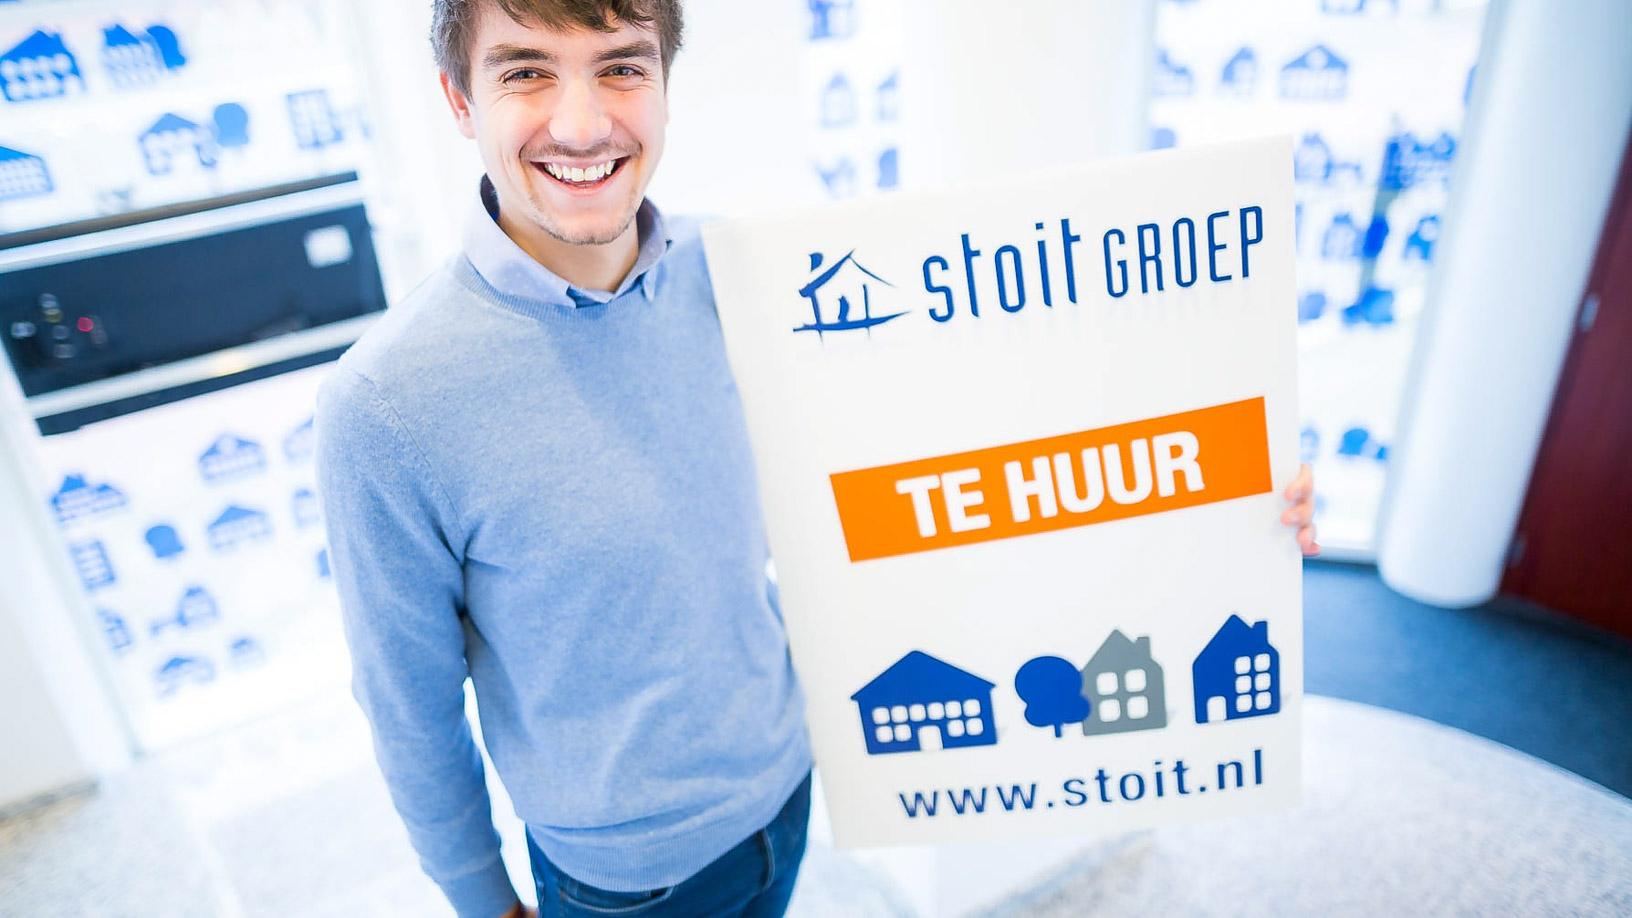 Portfolio-Marketing-Lynx-Ektor-Tsolodimos-Bedrijfsfotografie-Eindhoven-10